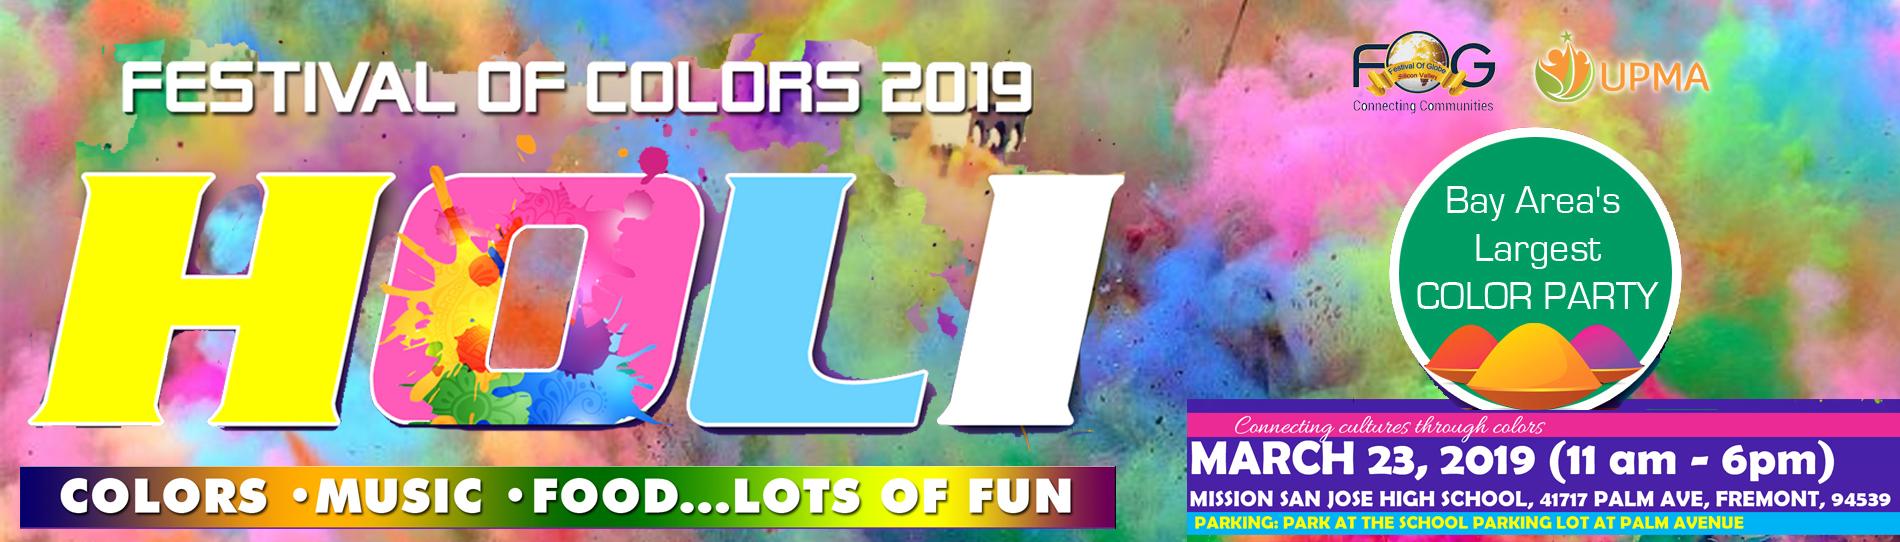 EventMozo Festival of Colors HOLI 2019